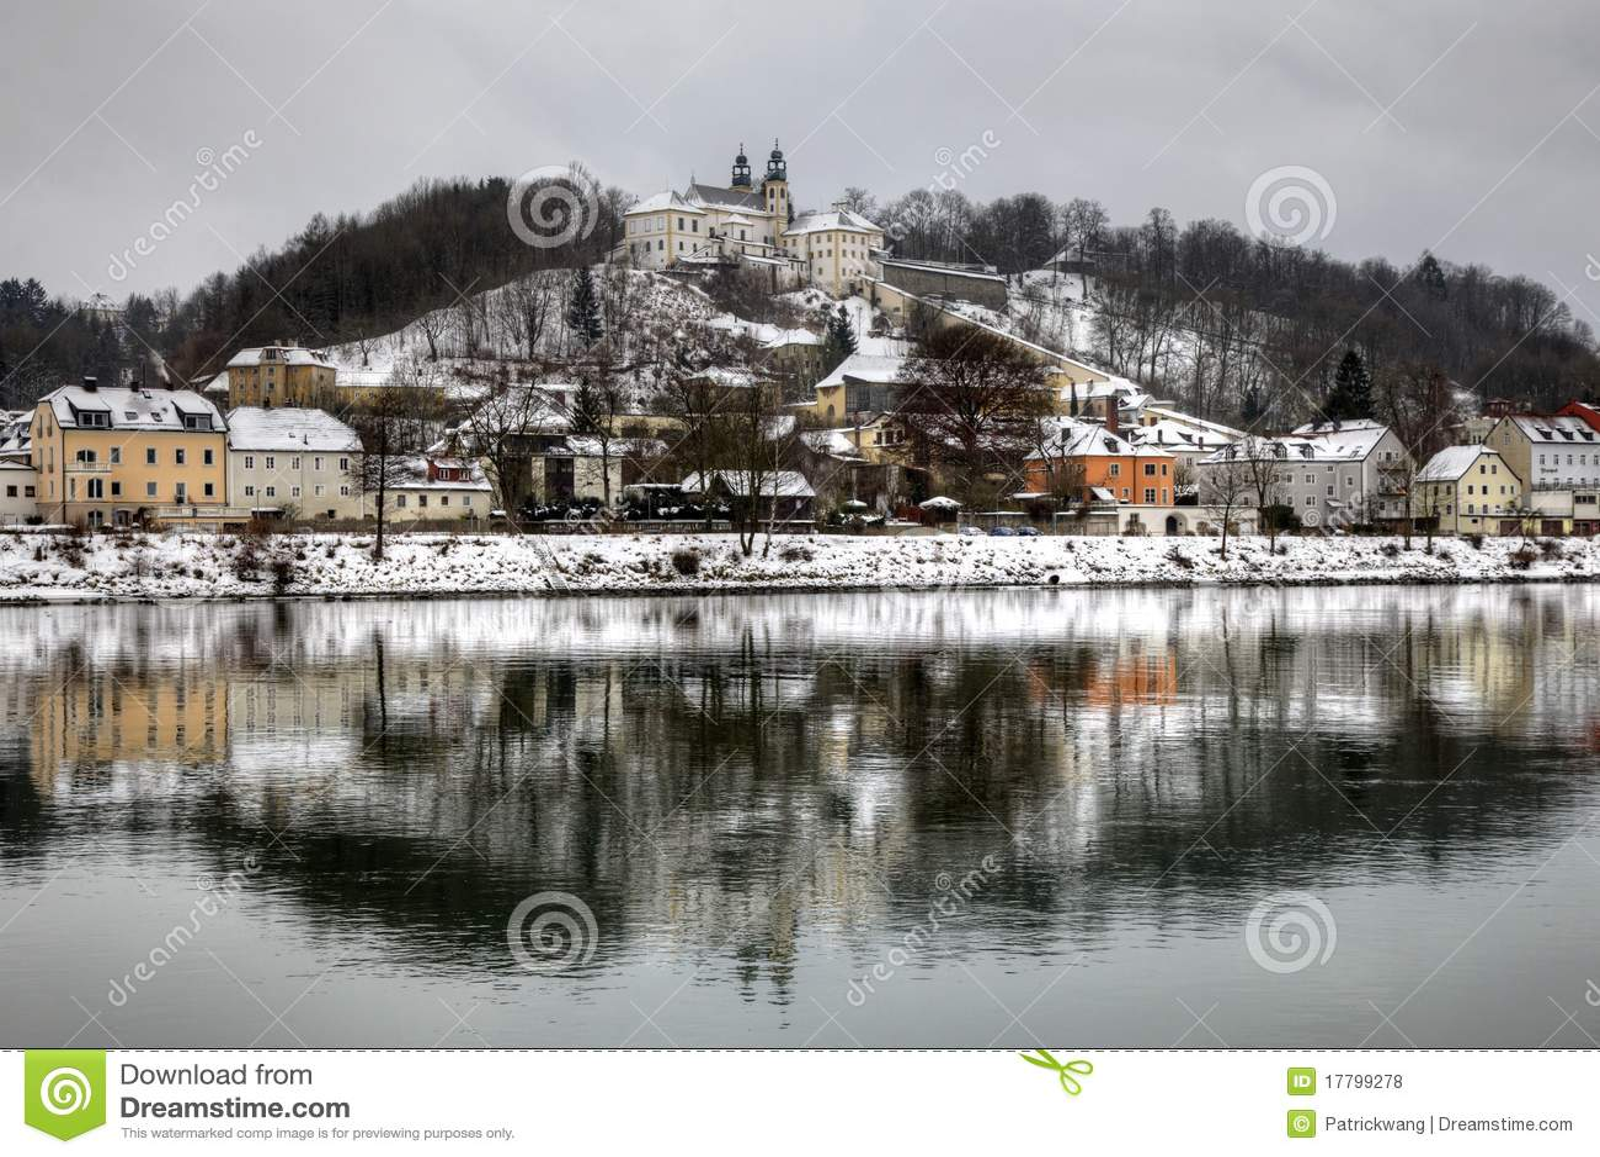 Passau Germany  city photos gallery : Passau Germany Royalty Free Stock Photos Image: 17799278